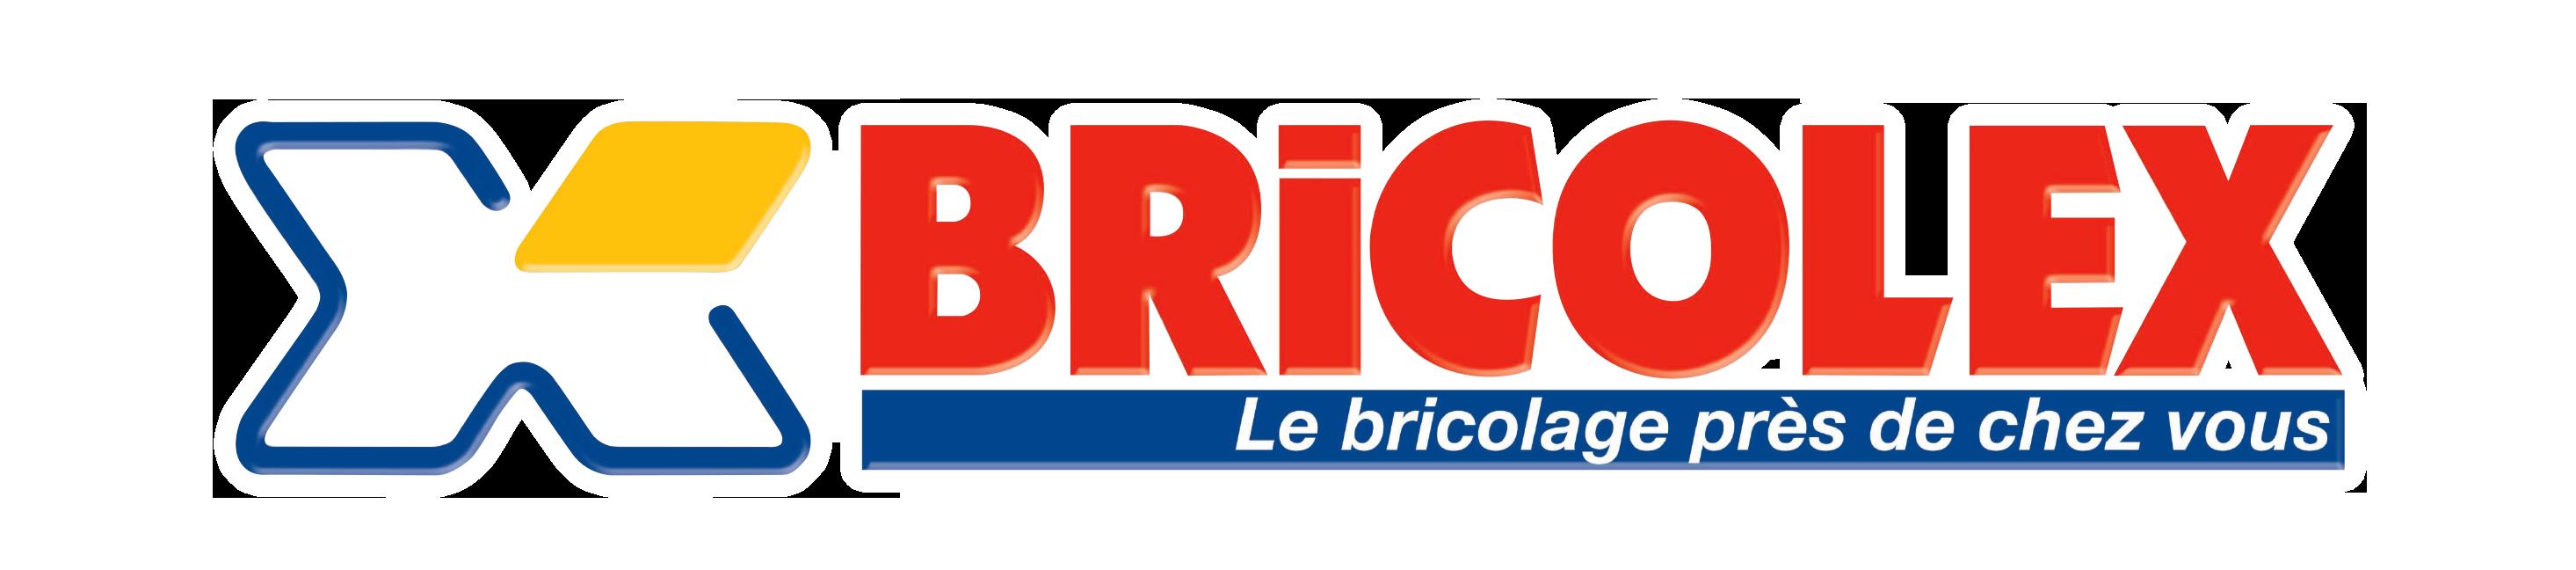 Bricolex quincaillerie (détail)